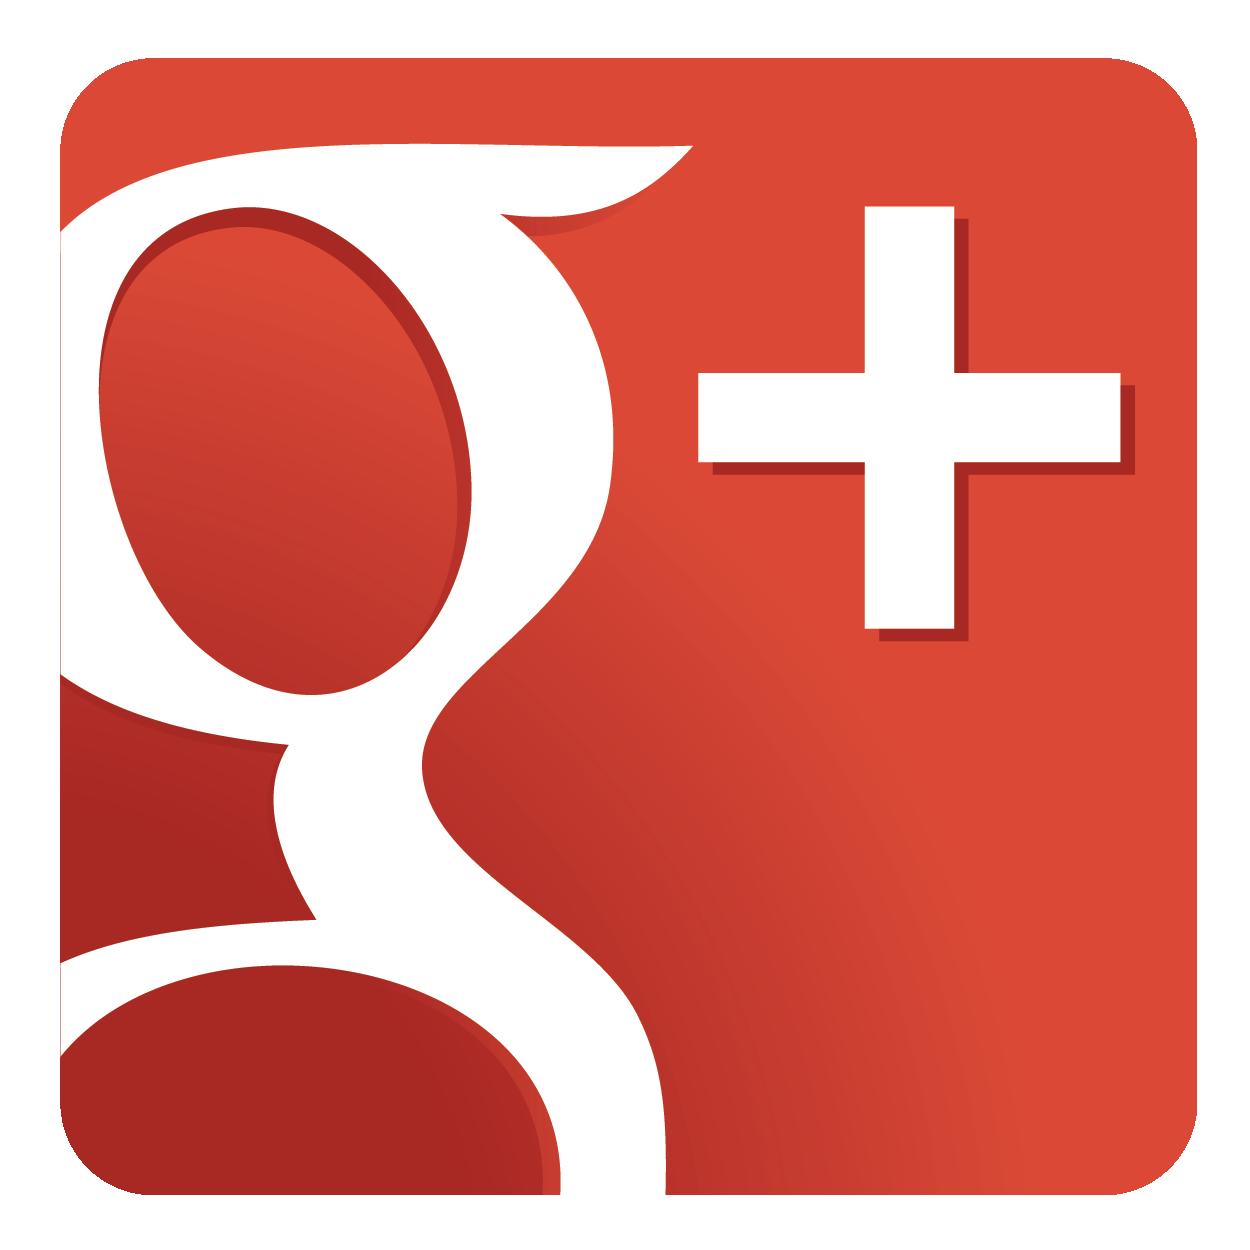 GooglePlus-Logo-.png